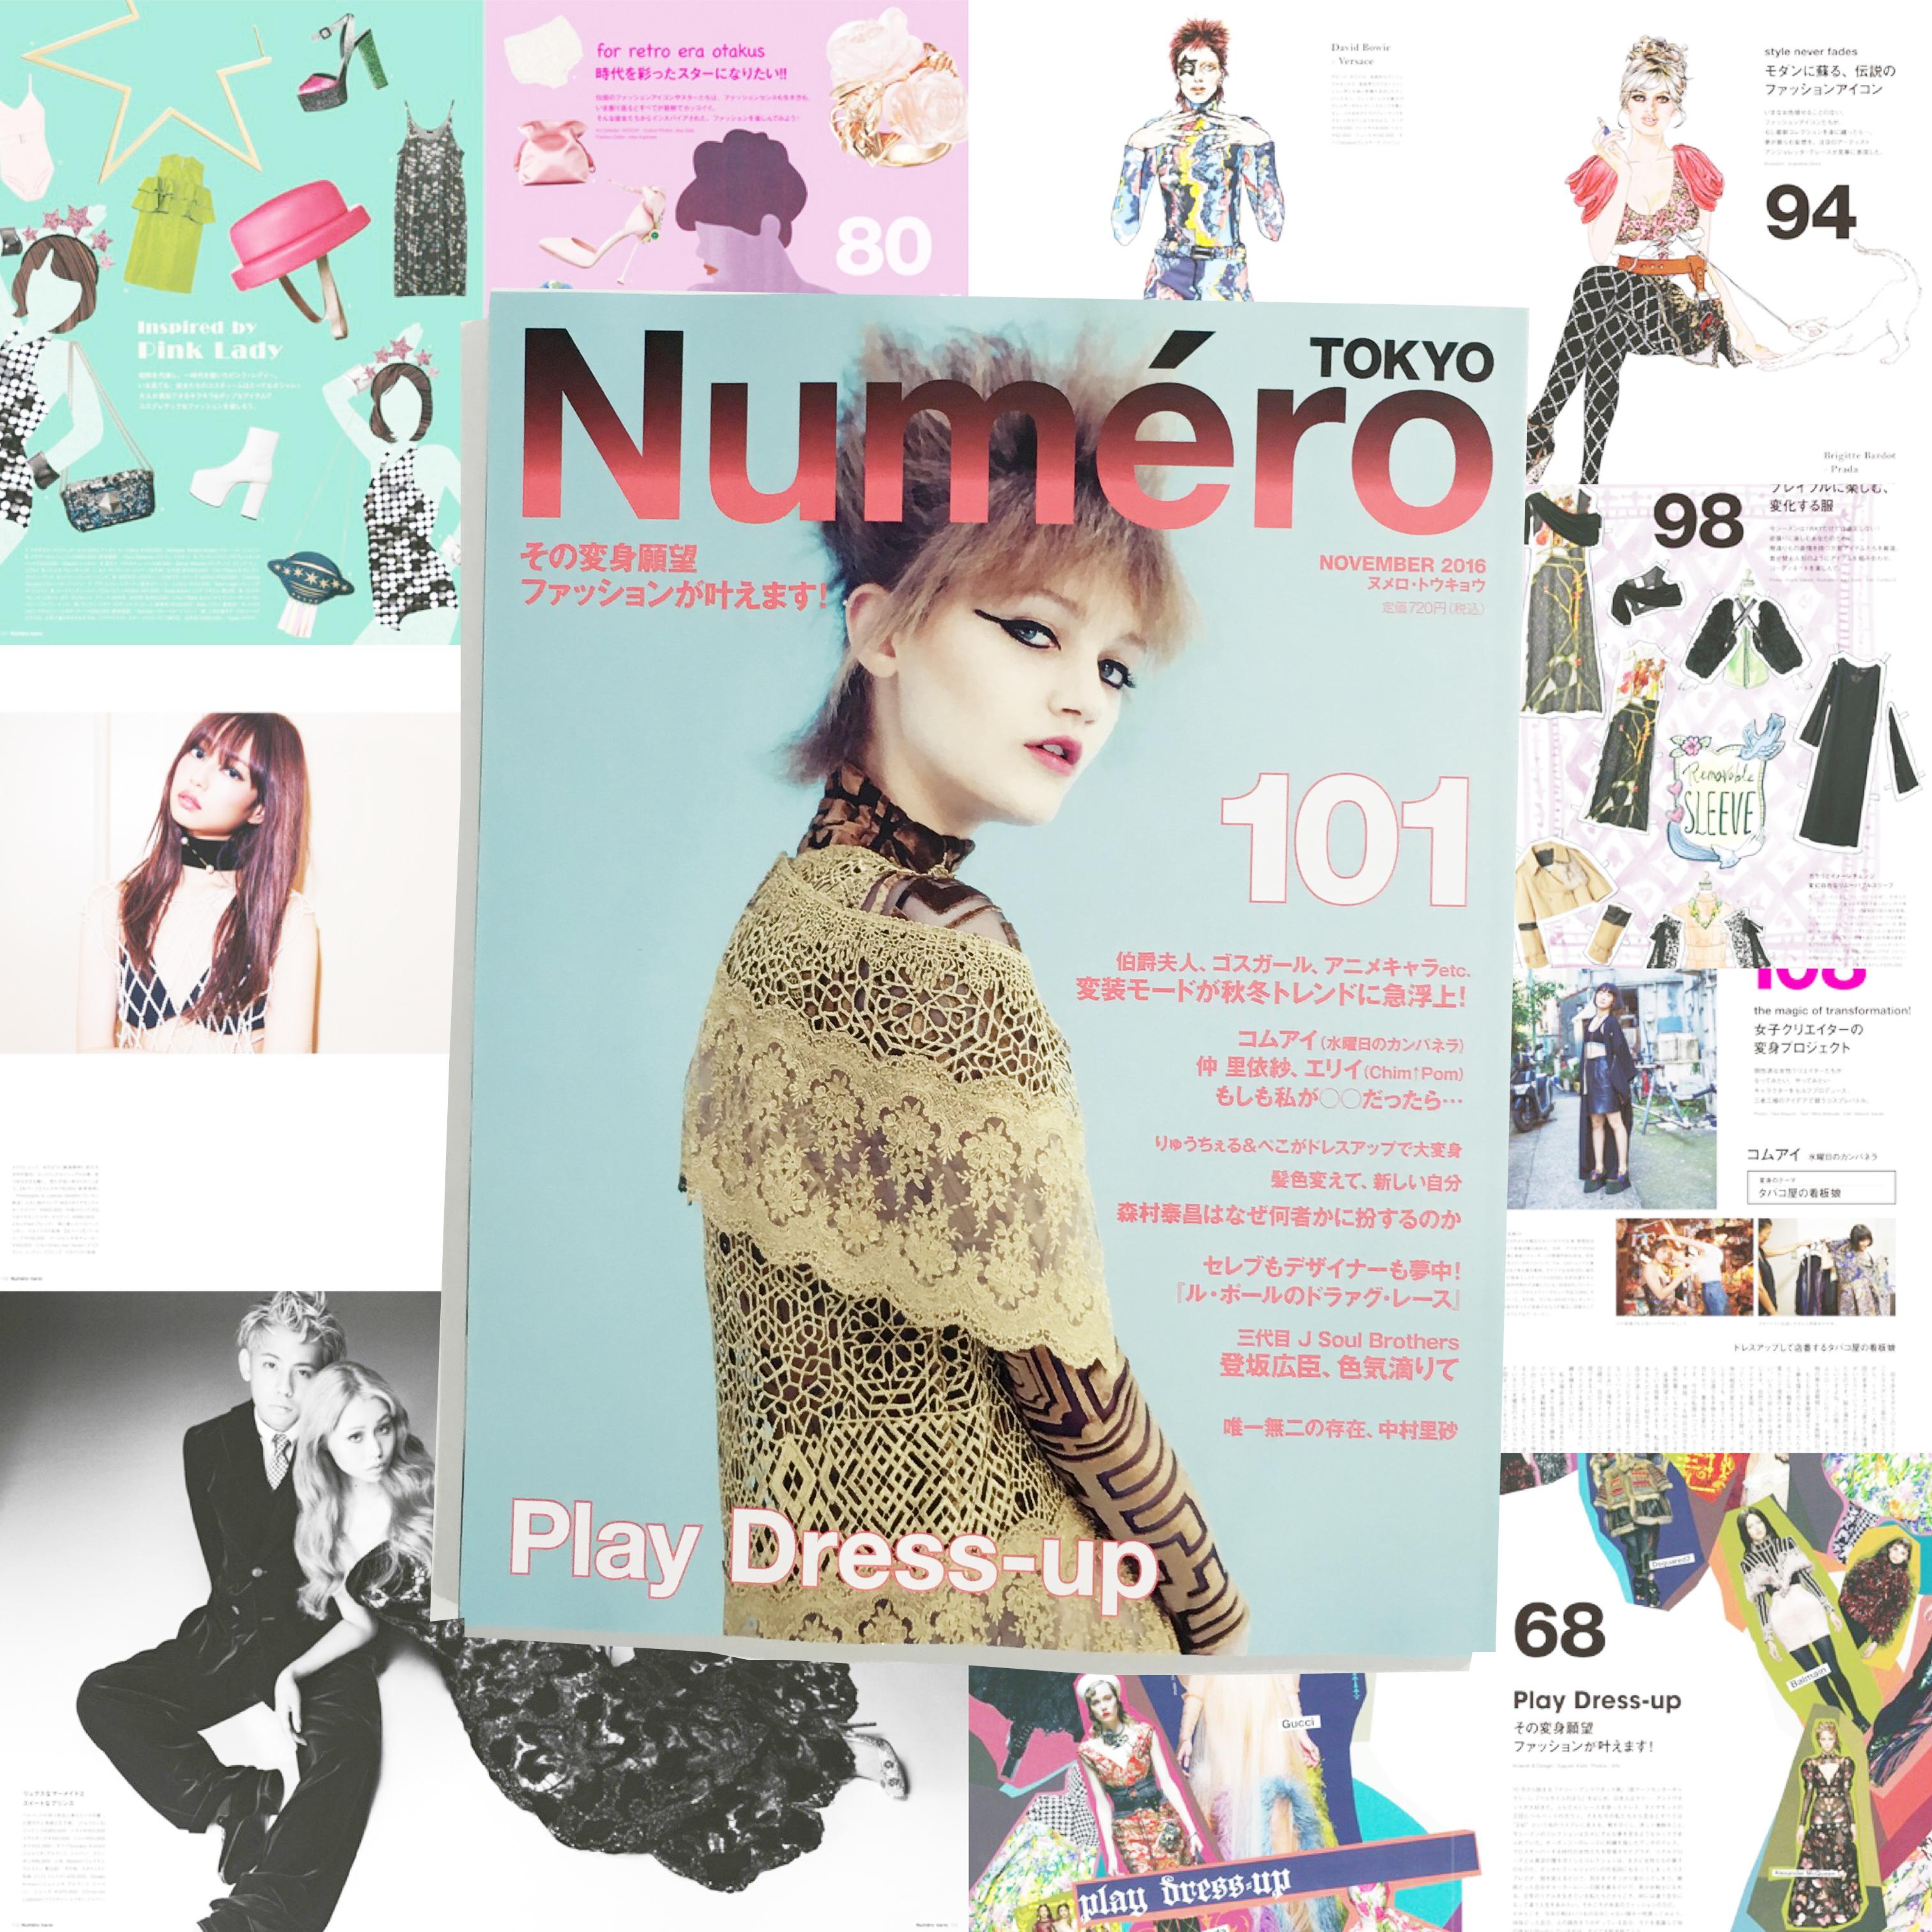 numerotokyo magazine